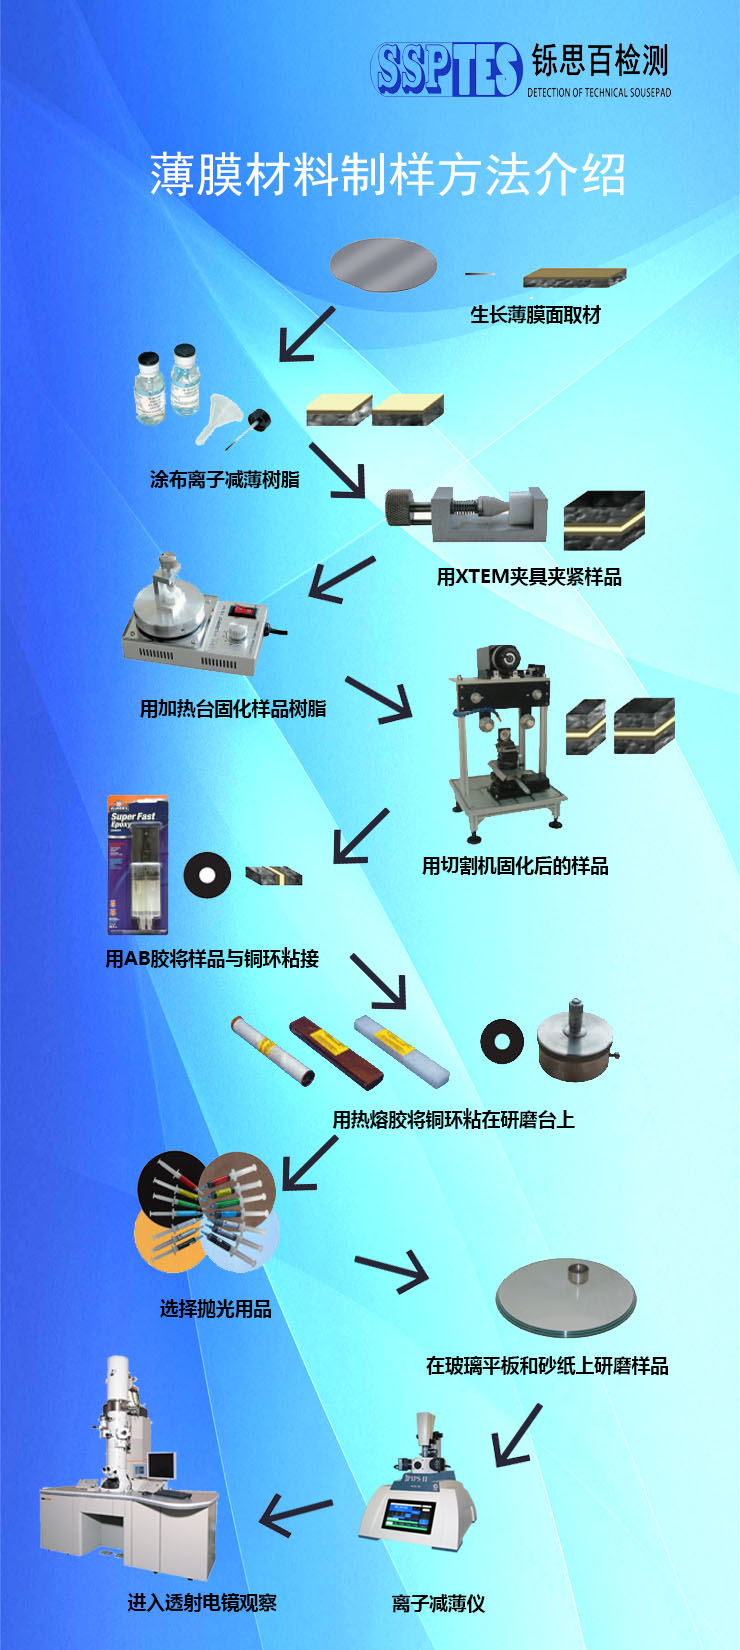 薄膜材料制样方法介绍-改.jpg